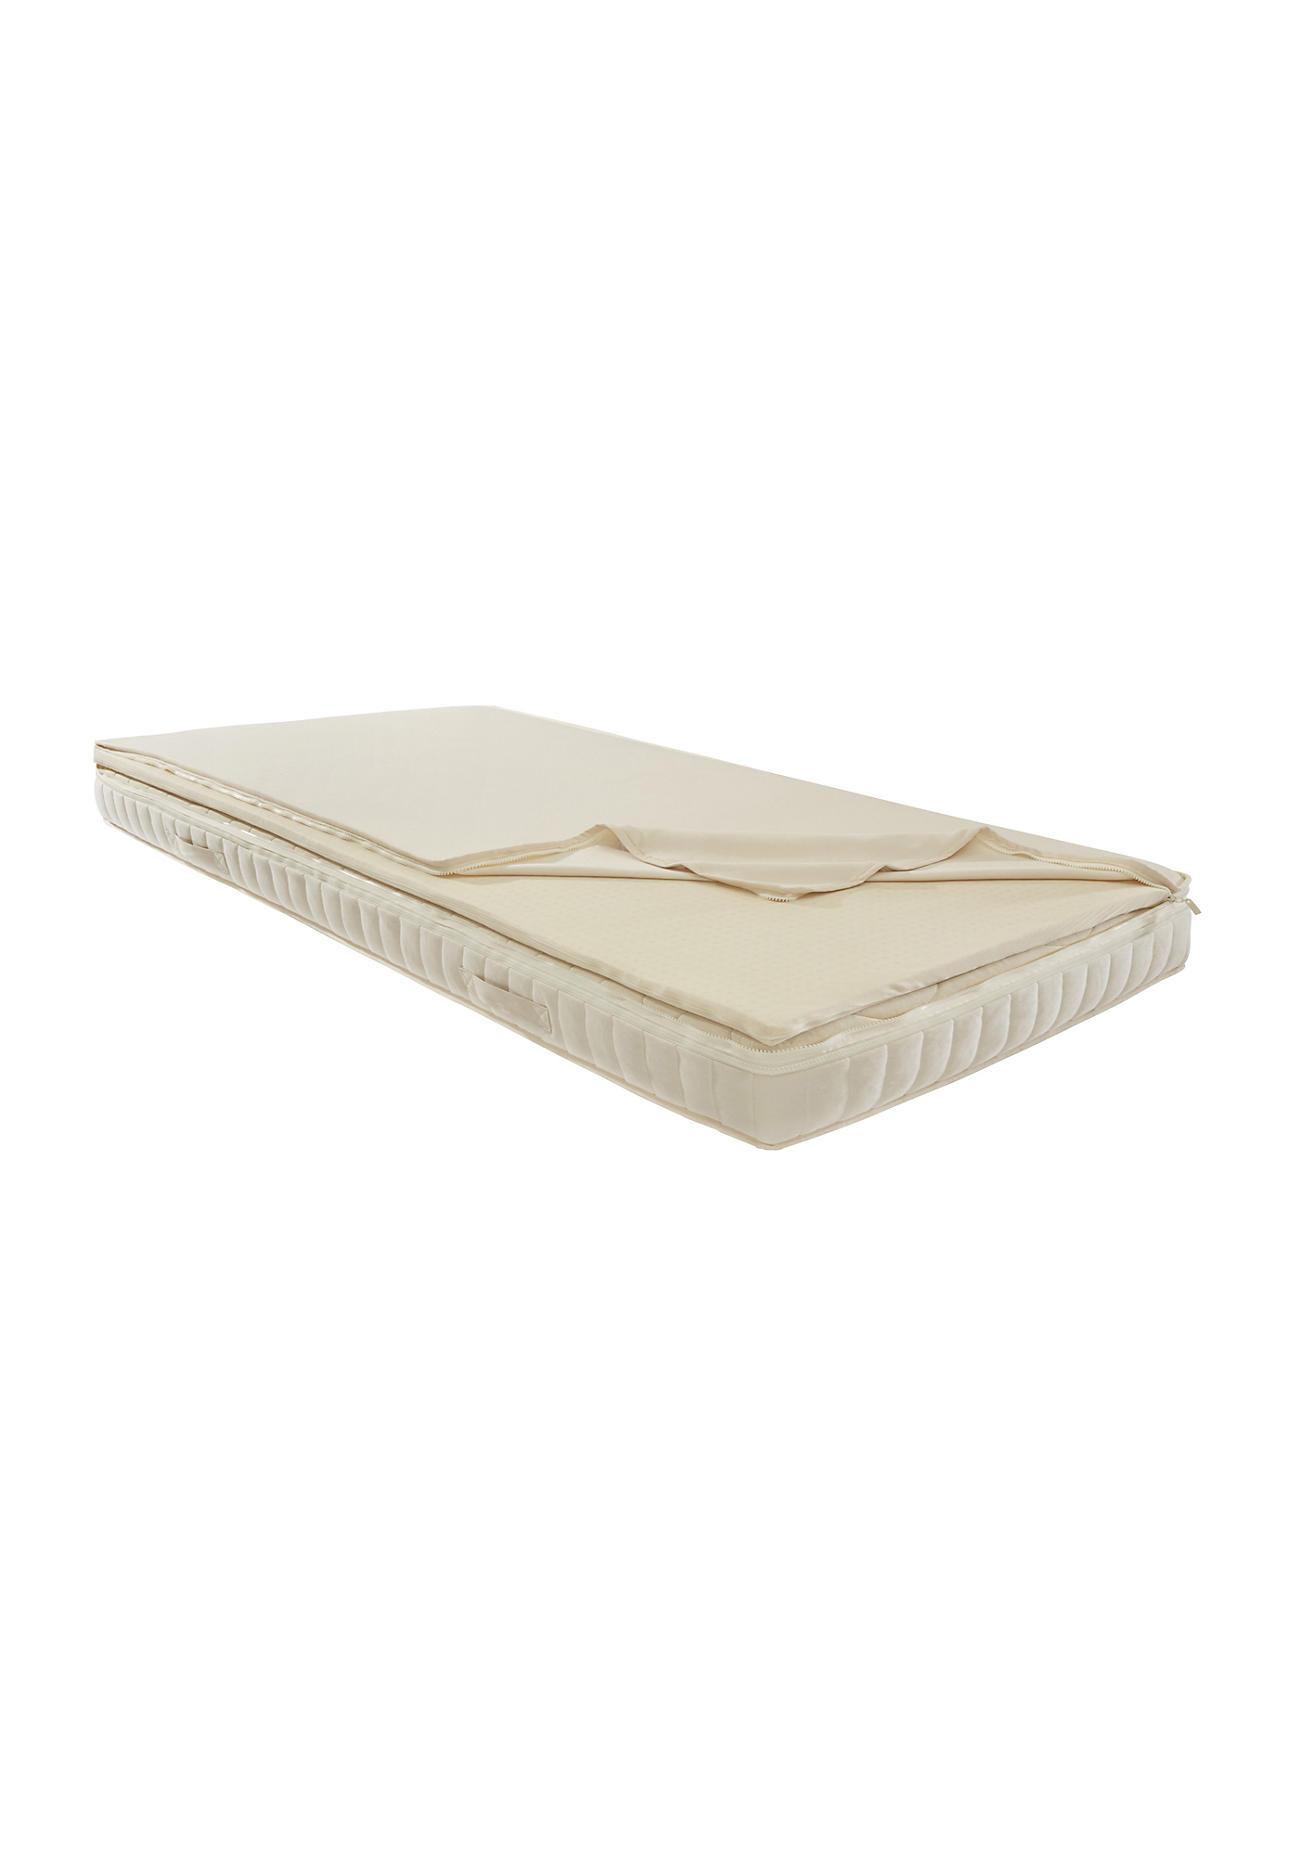 hessnatur Matratzen-Topper Inside Komfort – naturfarben – Größe 90x200 cm fest | Schlafzimmer > Matratzen > Naturmatratzen | hessnatur